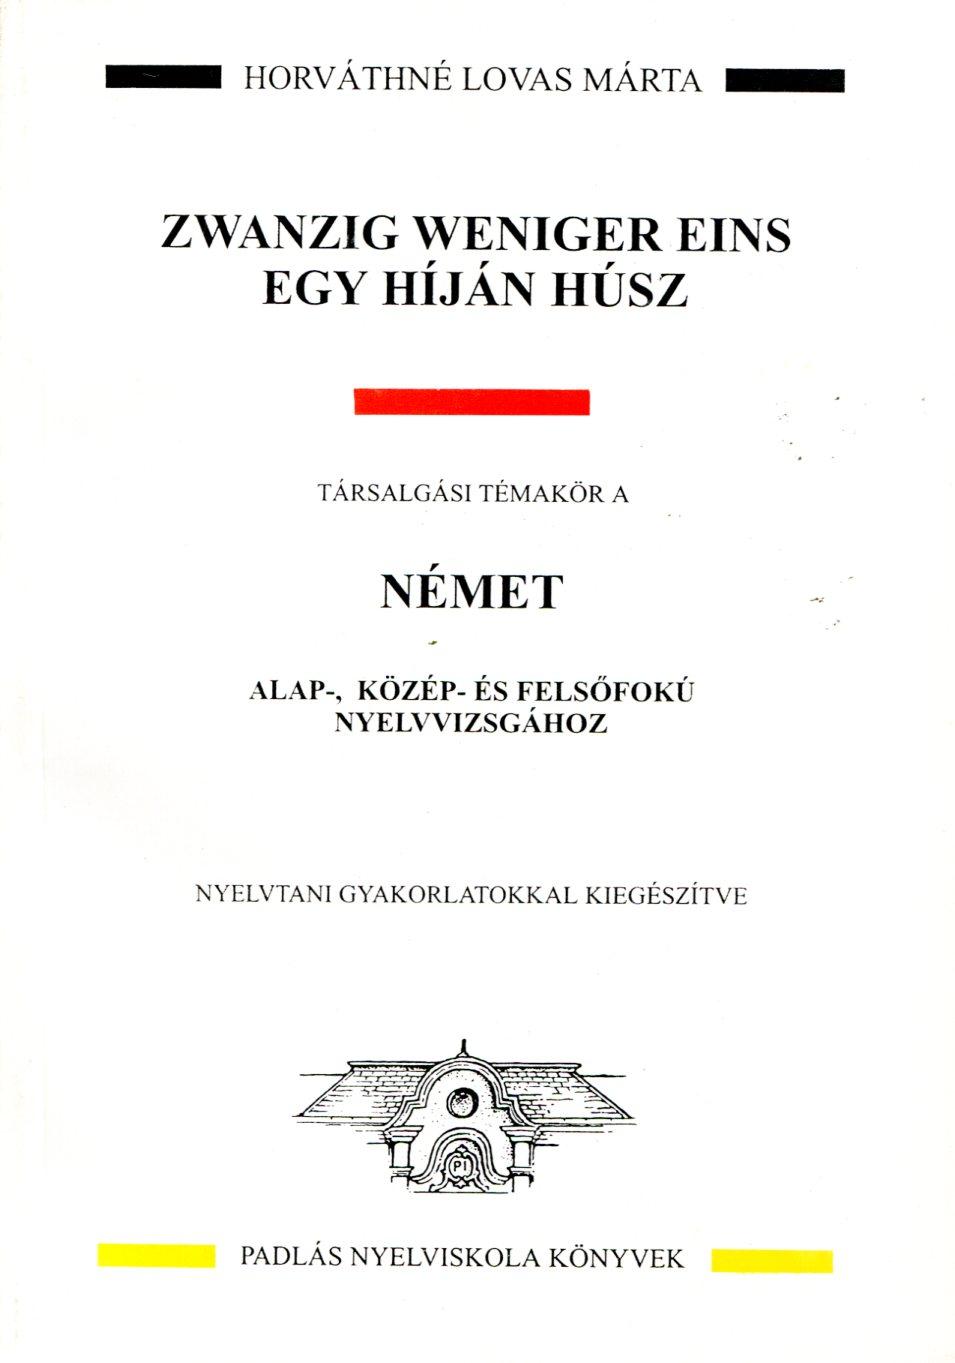 Zwanzig weniger eins - Egy híján húsz társalgási témakör a német alap-, közép-, és felsőfokú nyelv